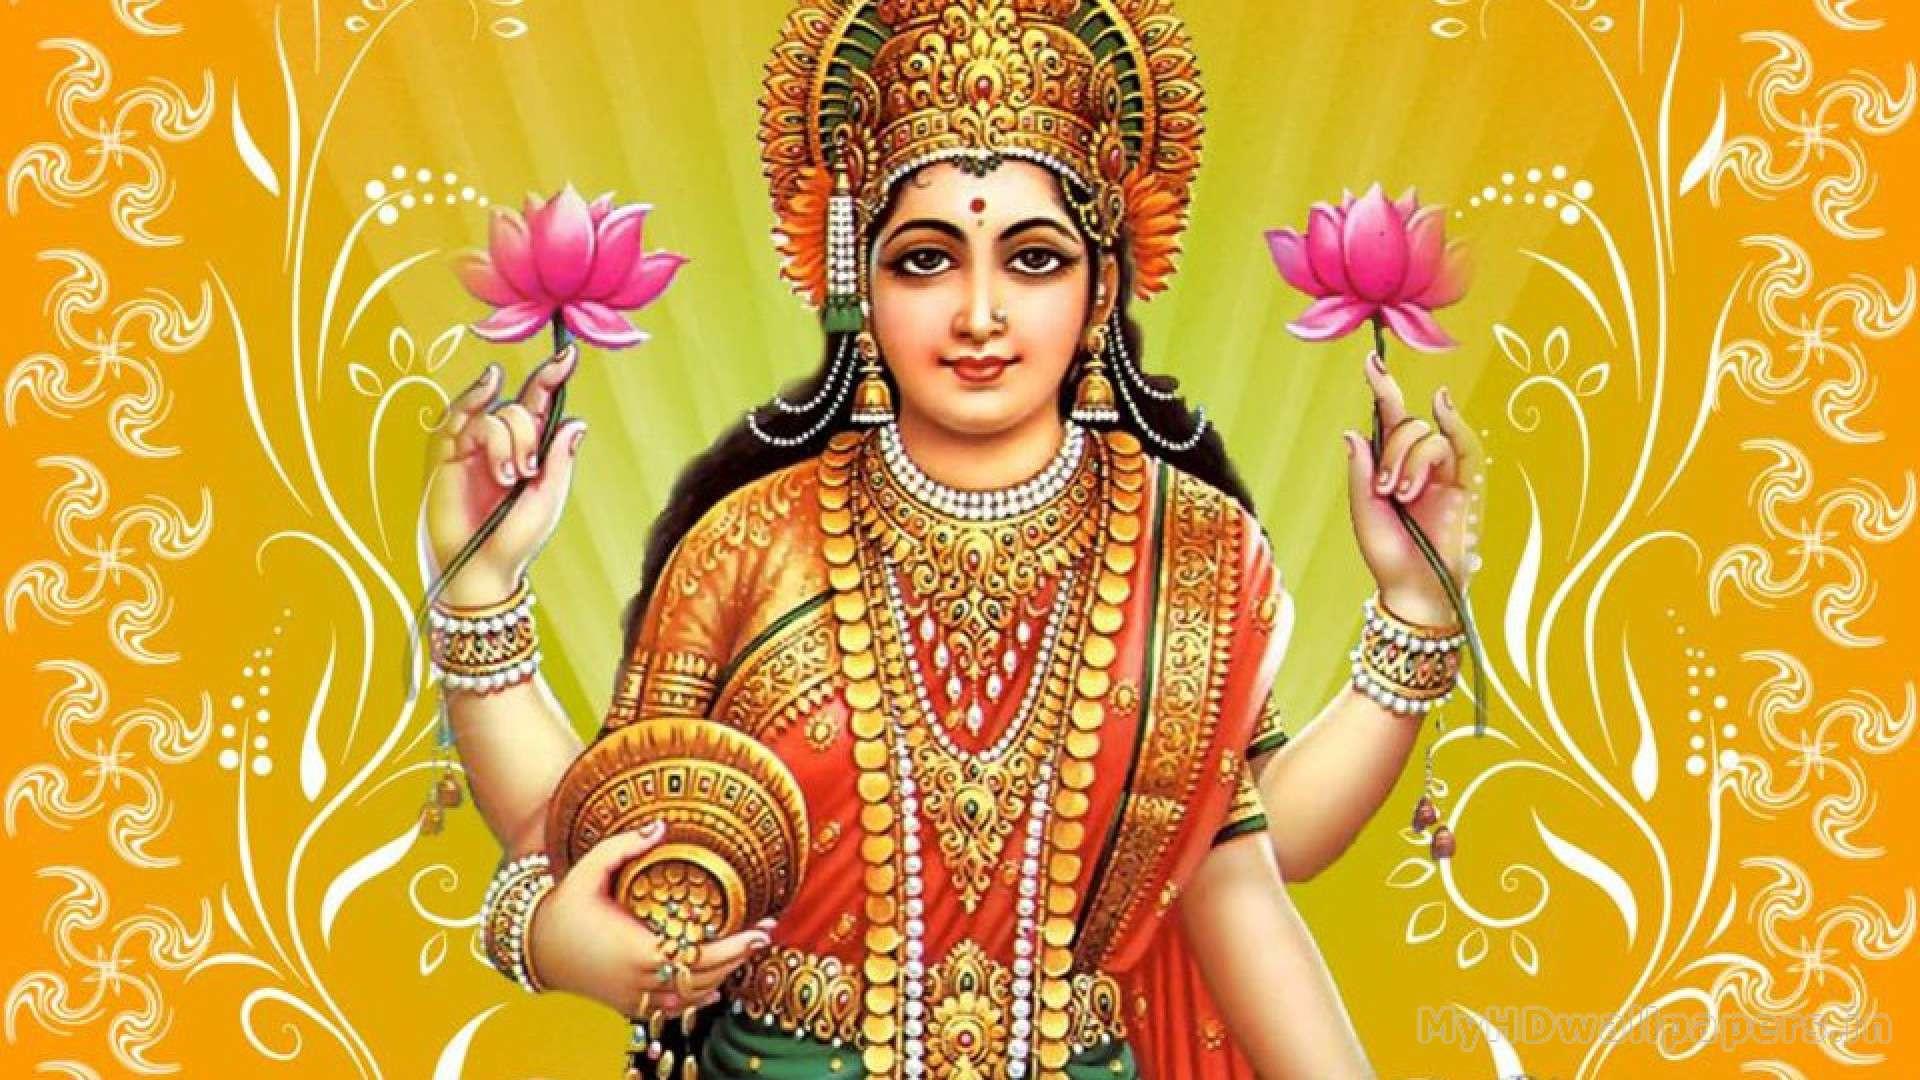 Wallpaper For Desktop God Hindu God Hd Wallpapers 1080P – Wallpapersafari